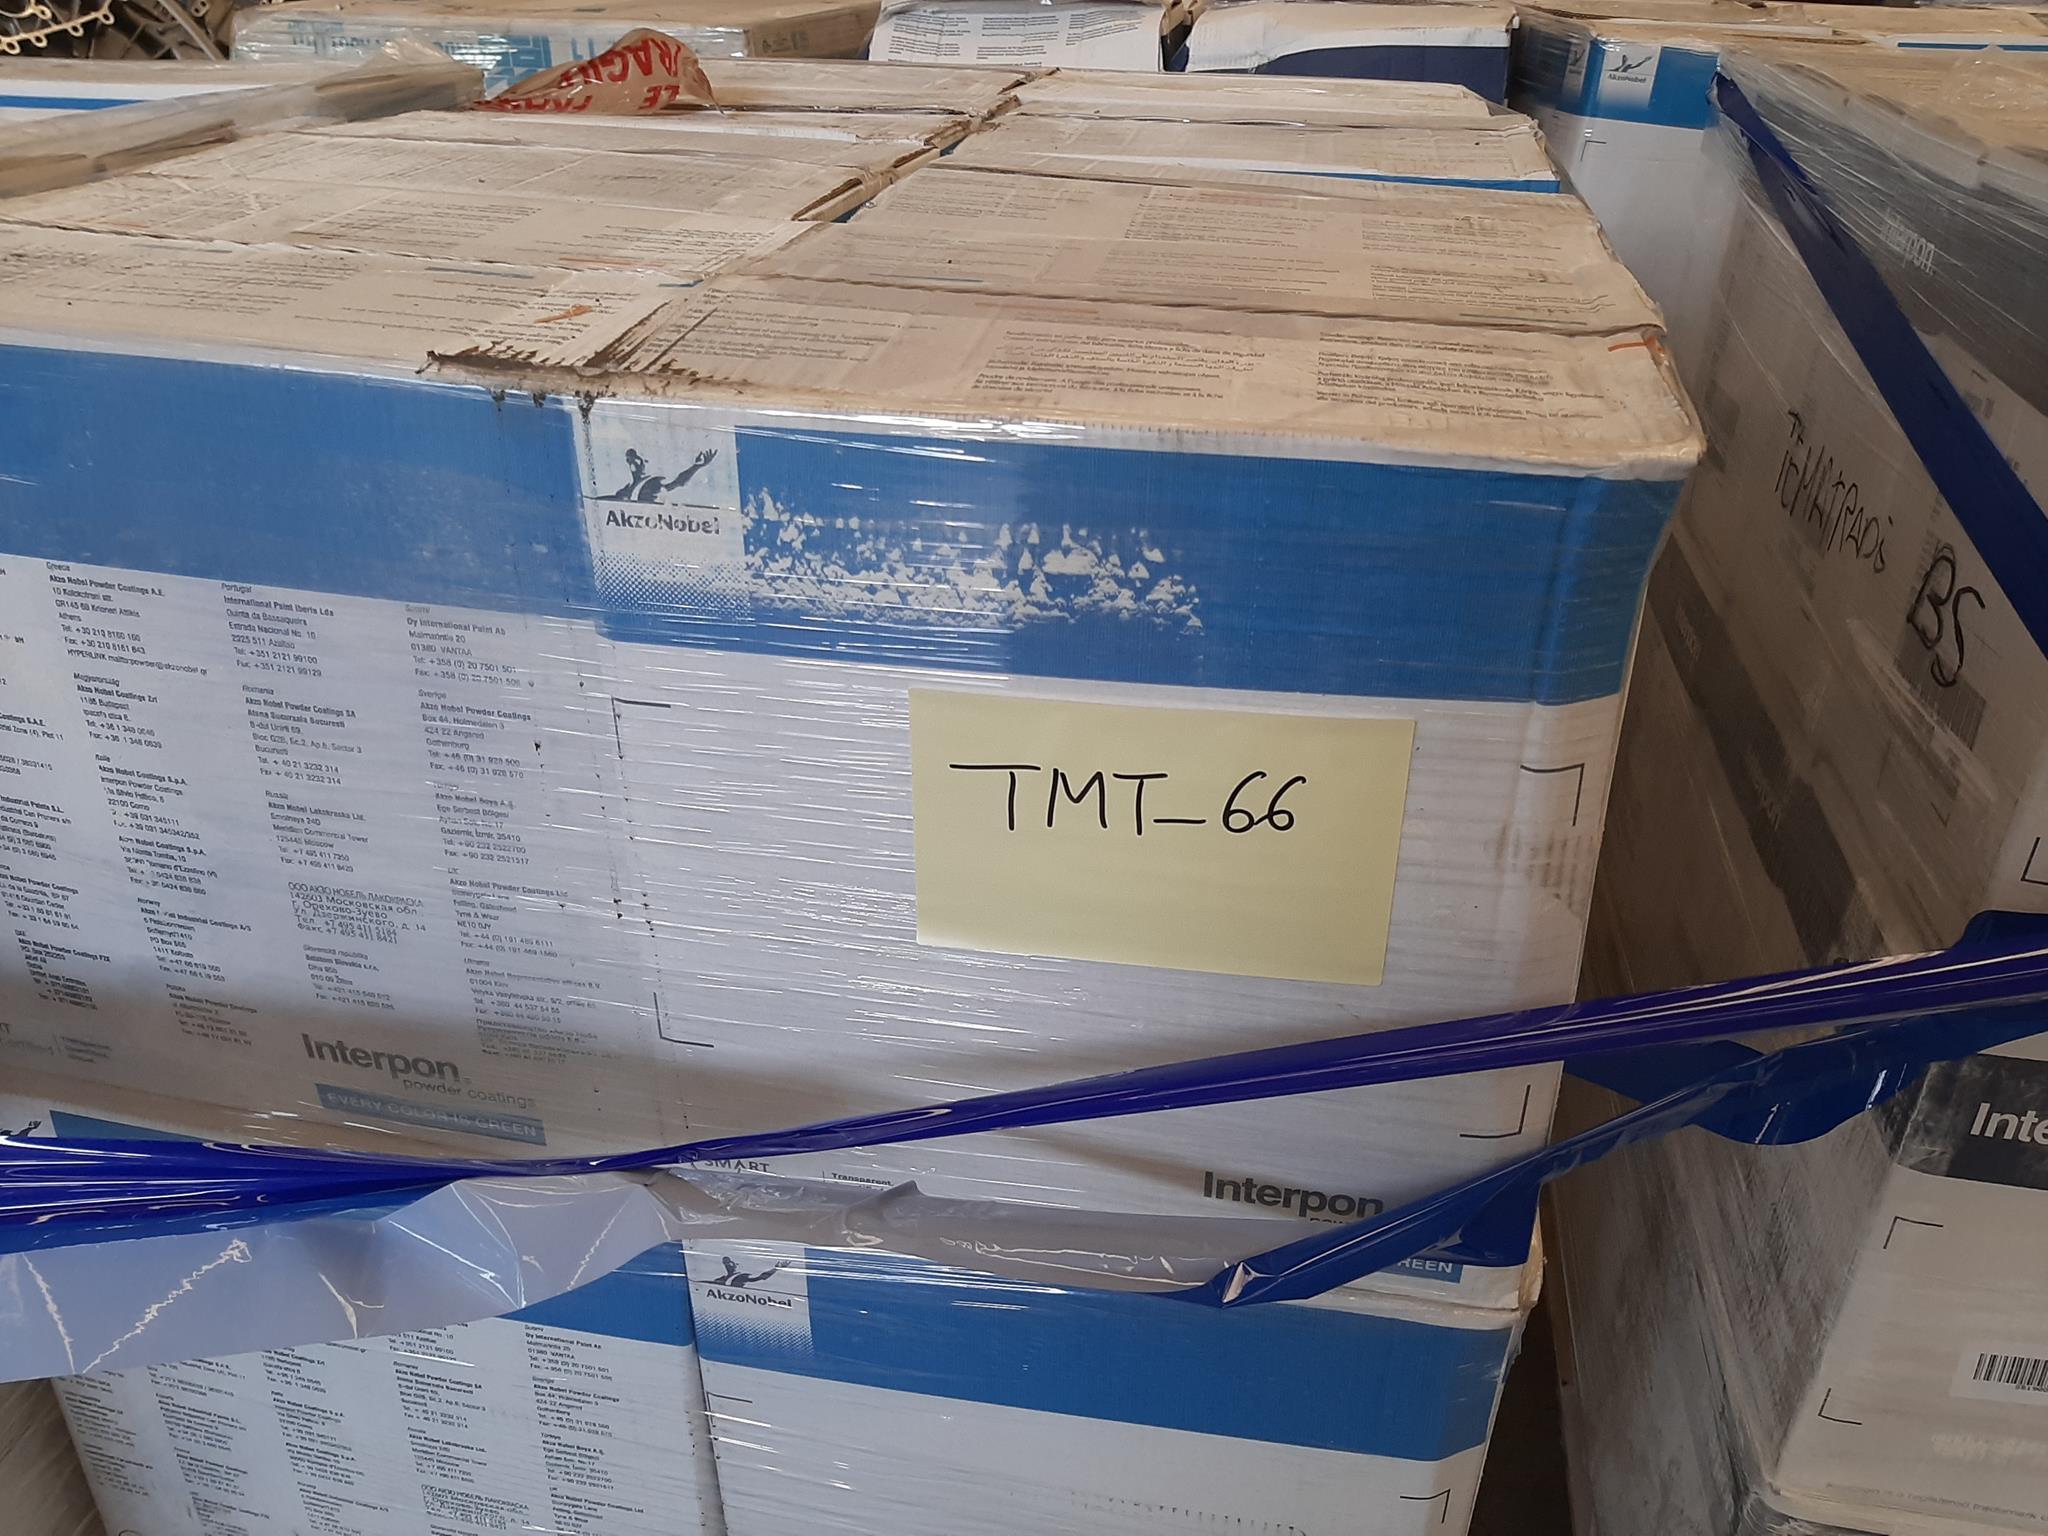 Scatole polvere verniciante e materiale in vendita - foto 5